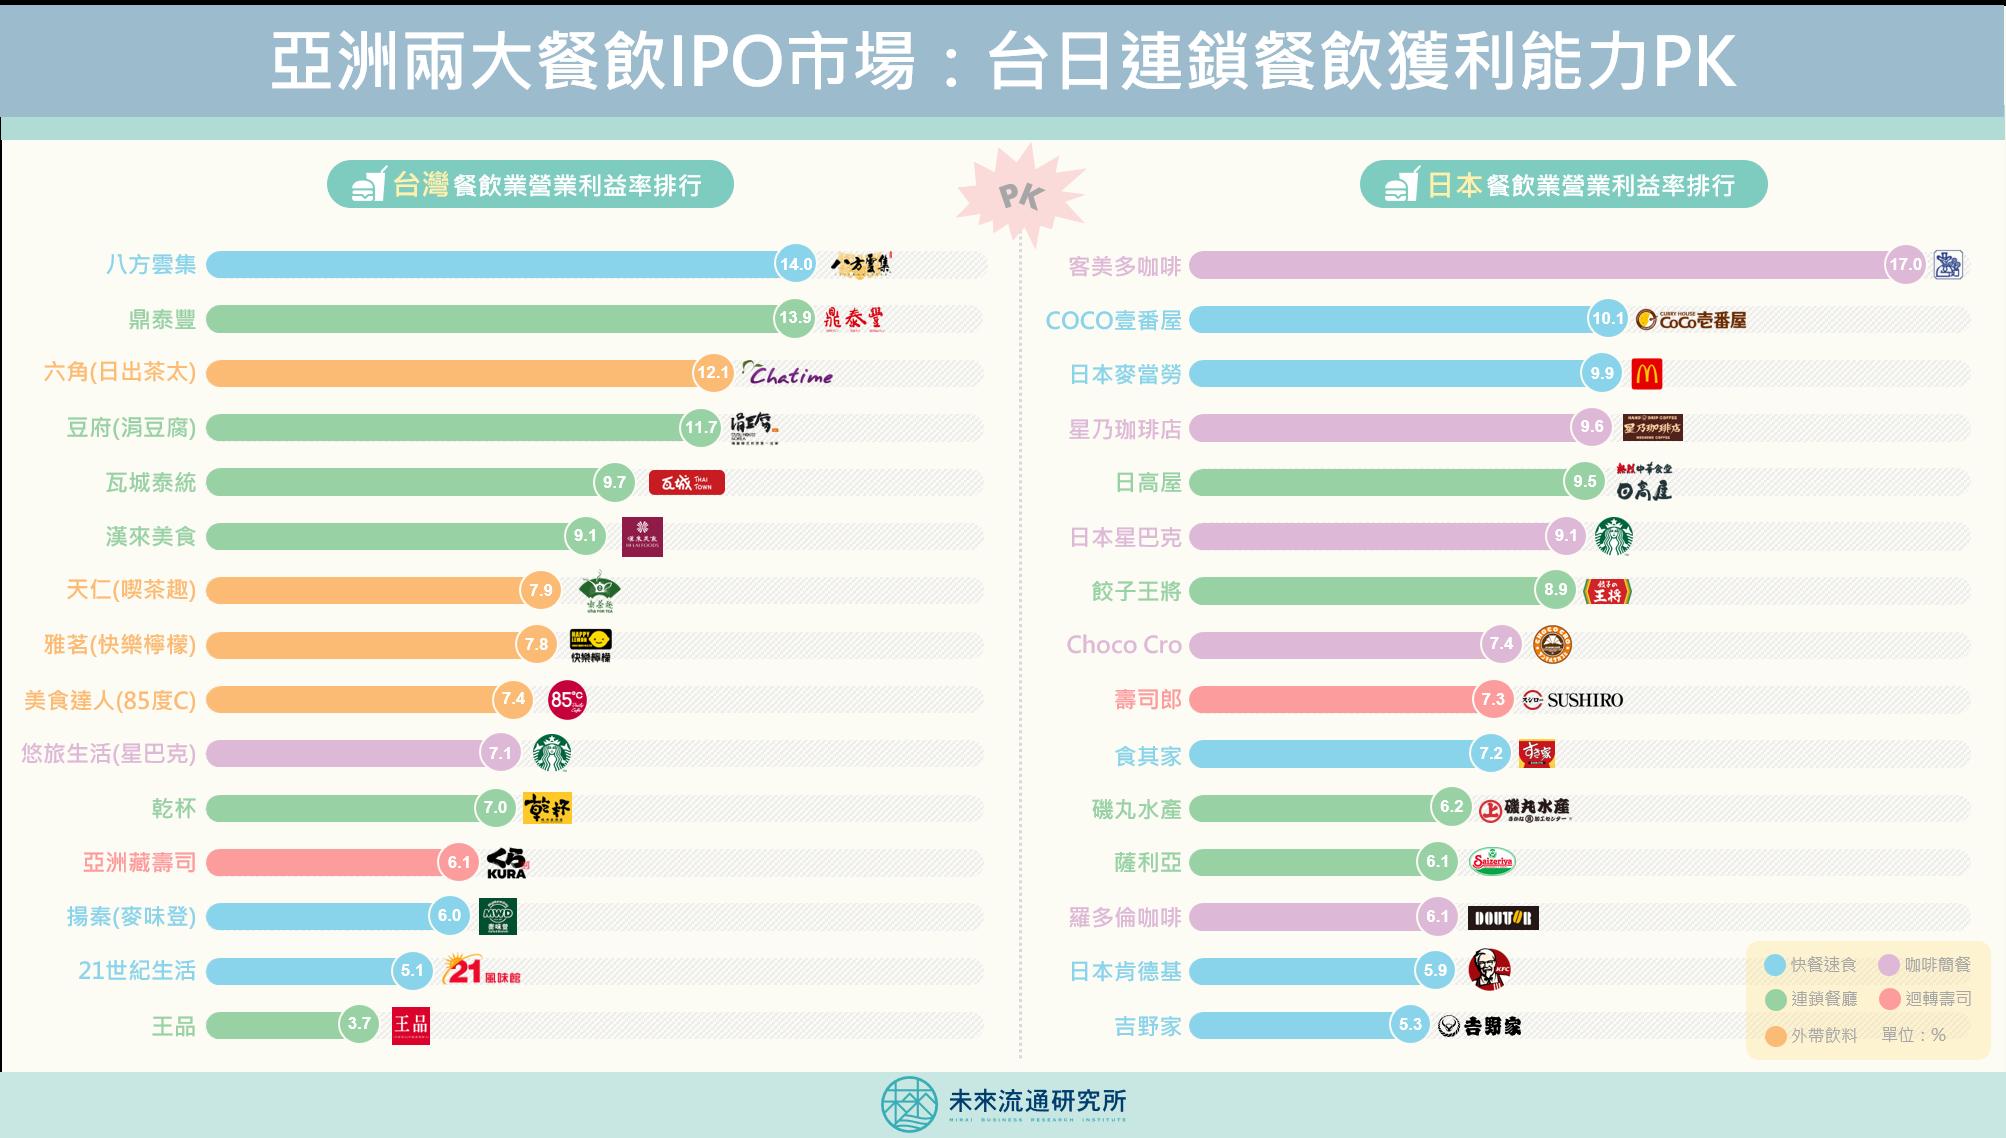 【商業數據圖解】亞洲兩大餐飲IPO市場:台日連鎖餐飲獲利能力PK